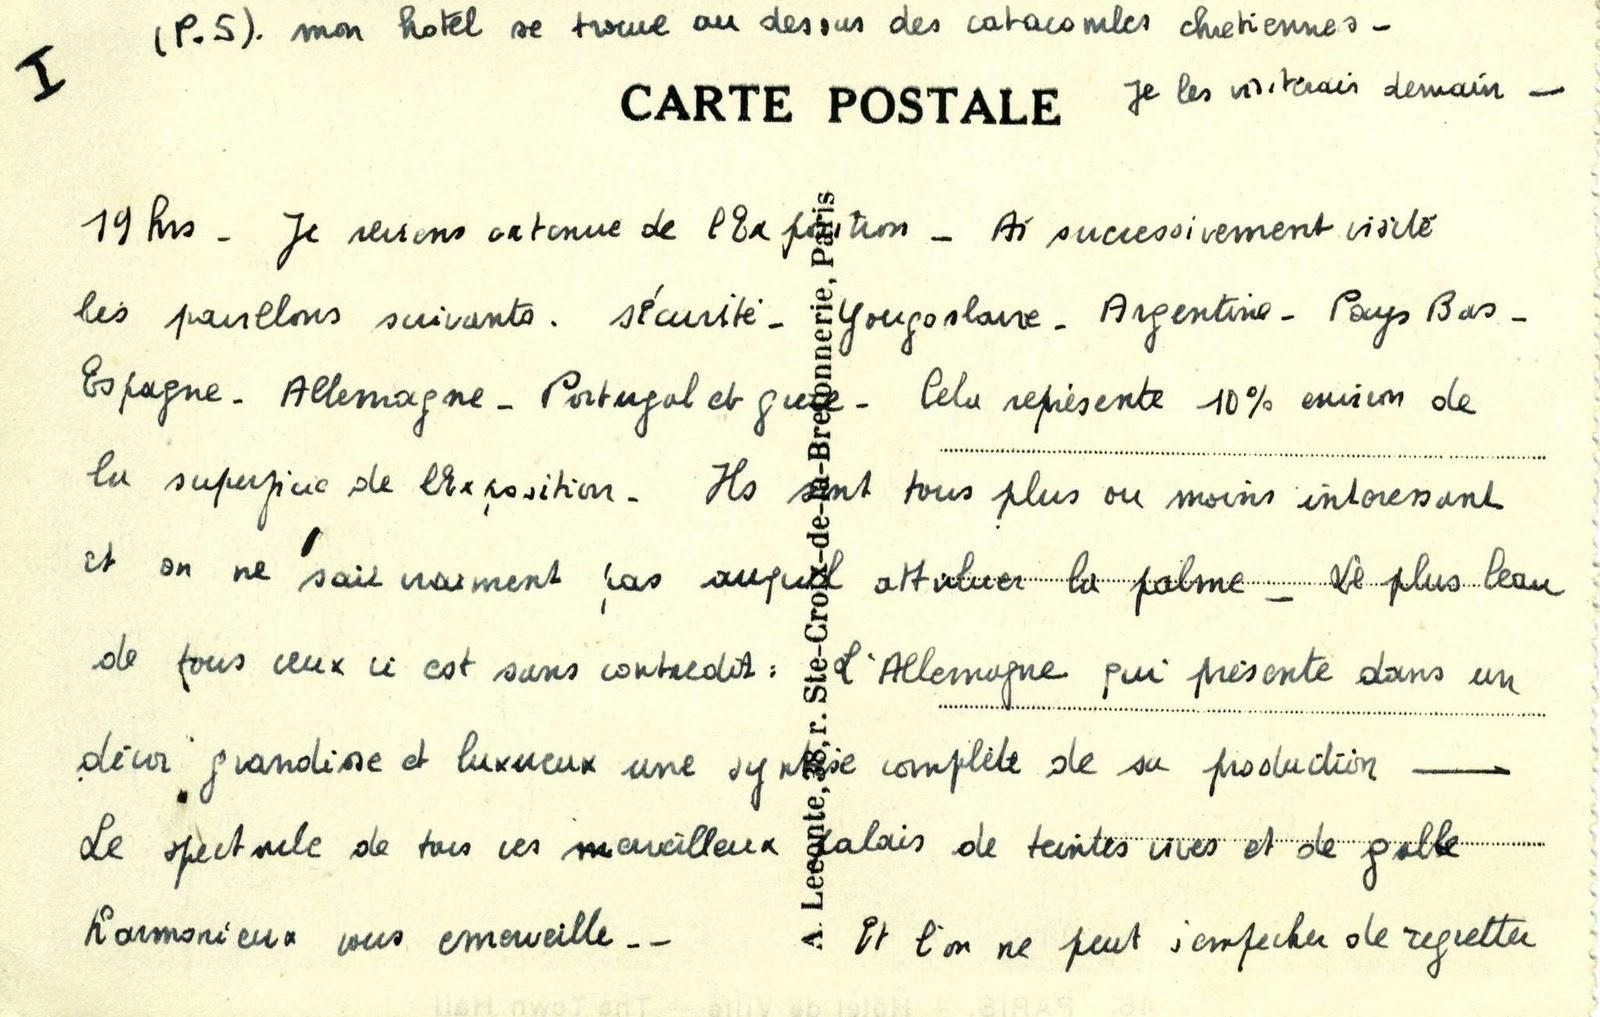 carte postale en espagnol